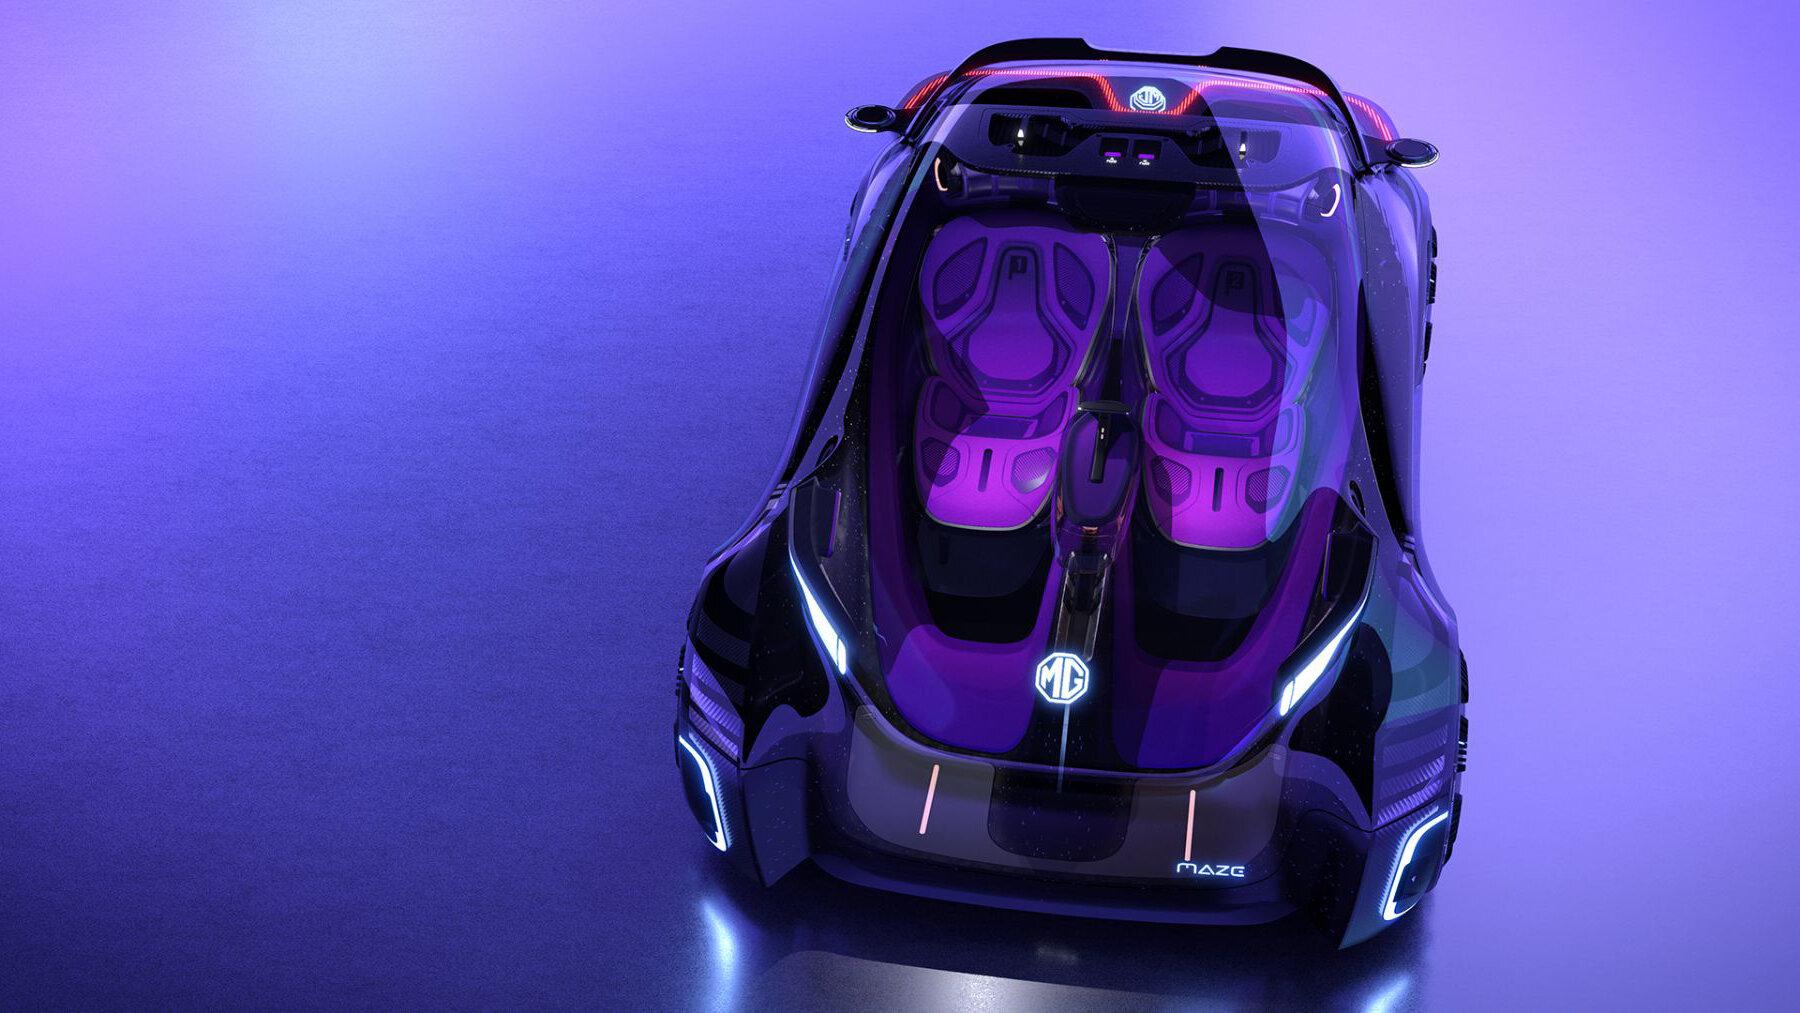 Марка MG Motor, входящая в состав китайской корпорации SAIC Motor, раскрыла первые детали о шоу-каре Maze, вдохновлённом видеоиграми. Футуристический концепт внешне похож на игровые гаджеты, а ещё его можно использовать в качестве симулятора.